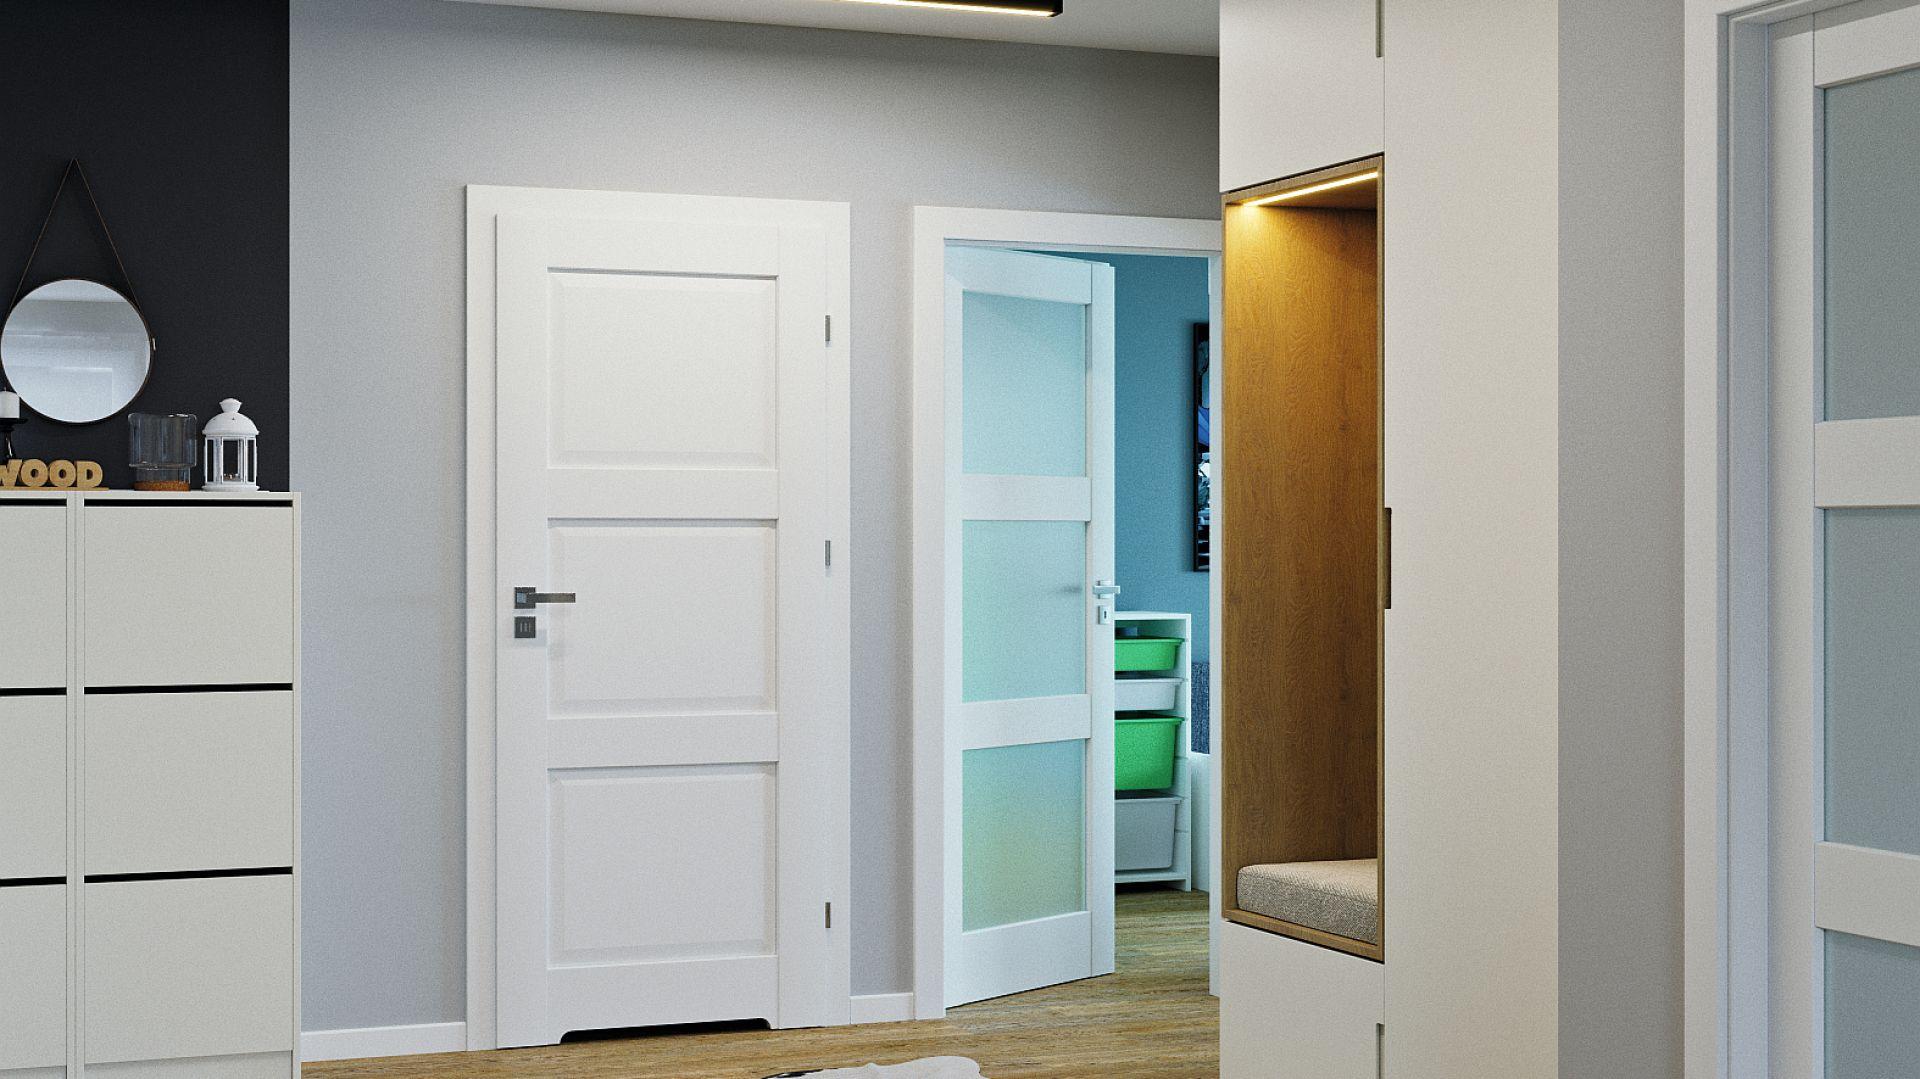 Drzwi z kolekcji Balance emanują niewymuszoną prostotą i delikatnością formy. Występują m.in. w wielu kolorach dębu, również w okleinie Portaperfect 3D doskonale odwzorowującej rysunek naturalnego drewna. Cena: od 712,17 zł (za skrzydło). Dostępne w ofercie firmy Porta. Fot. Porta